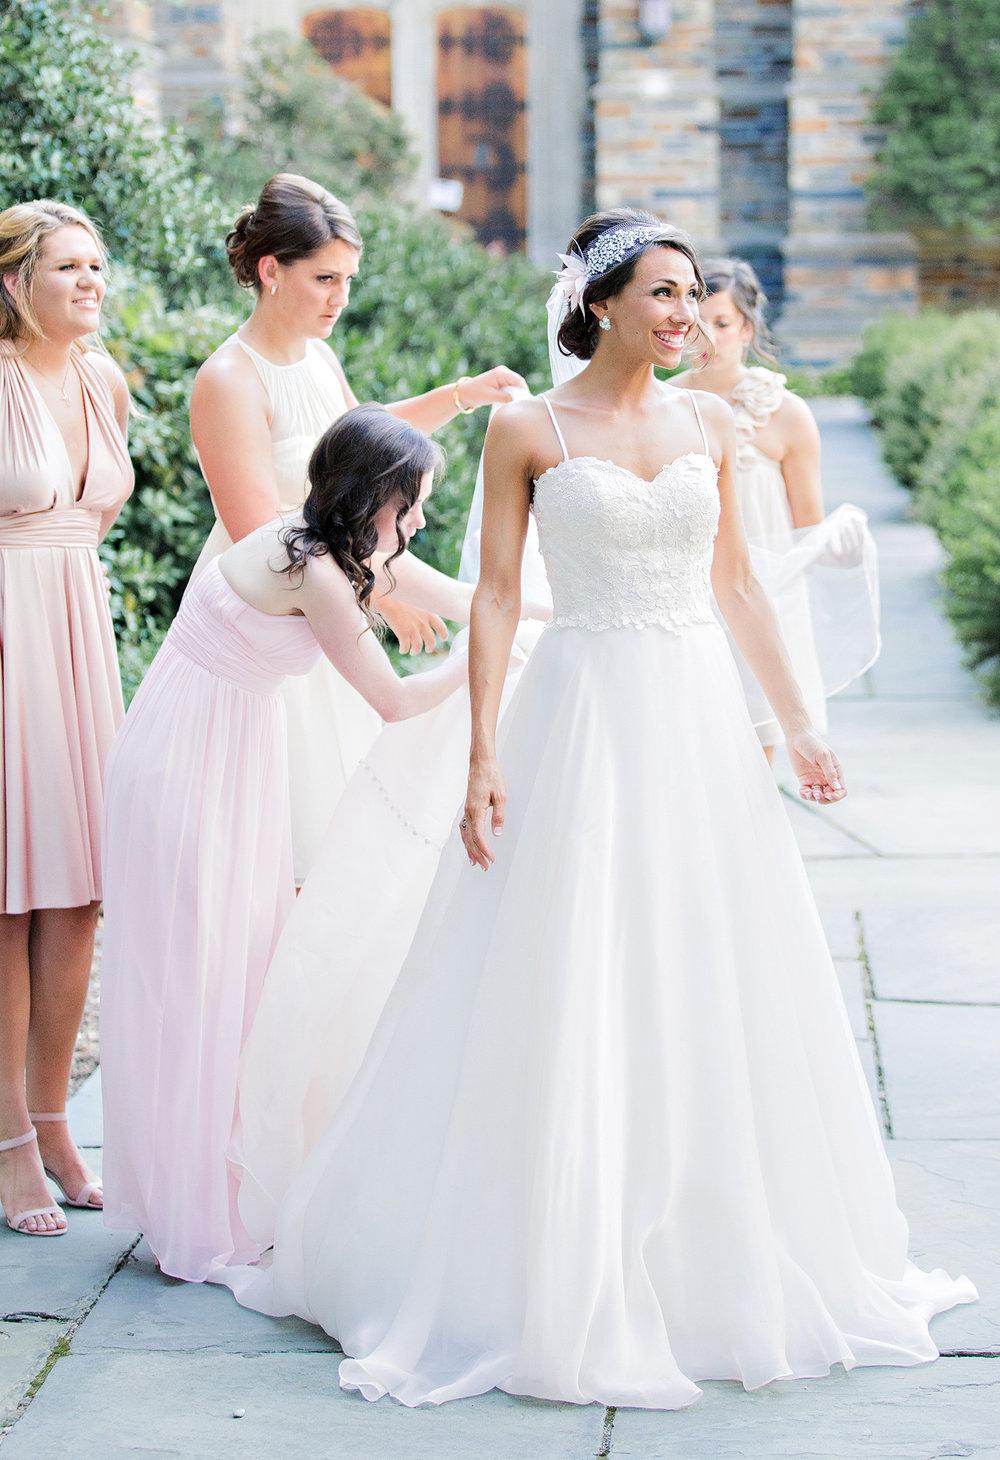 duke-chapel-wedding-52.jpeg